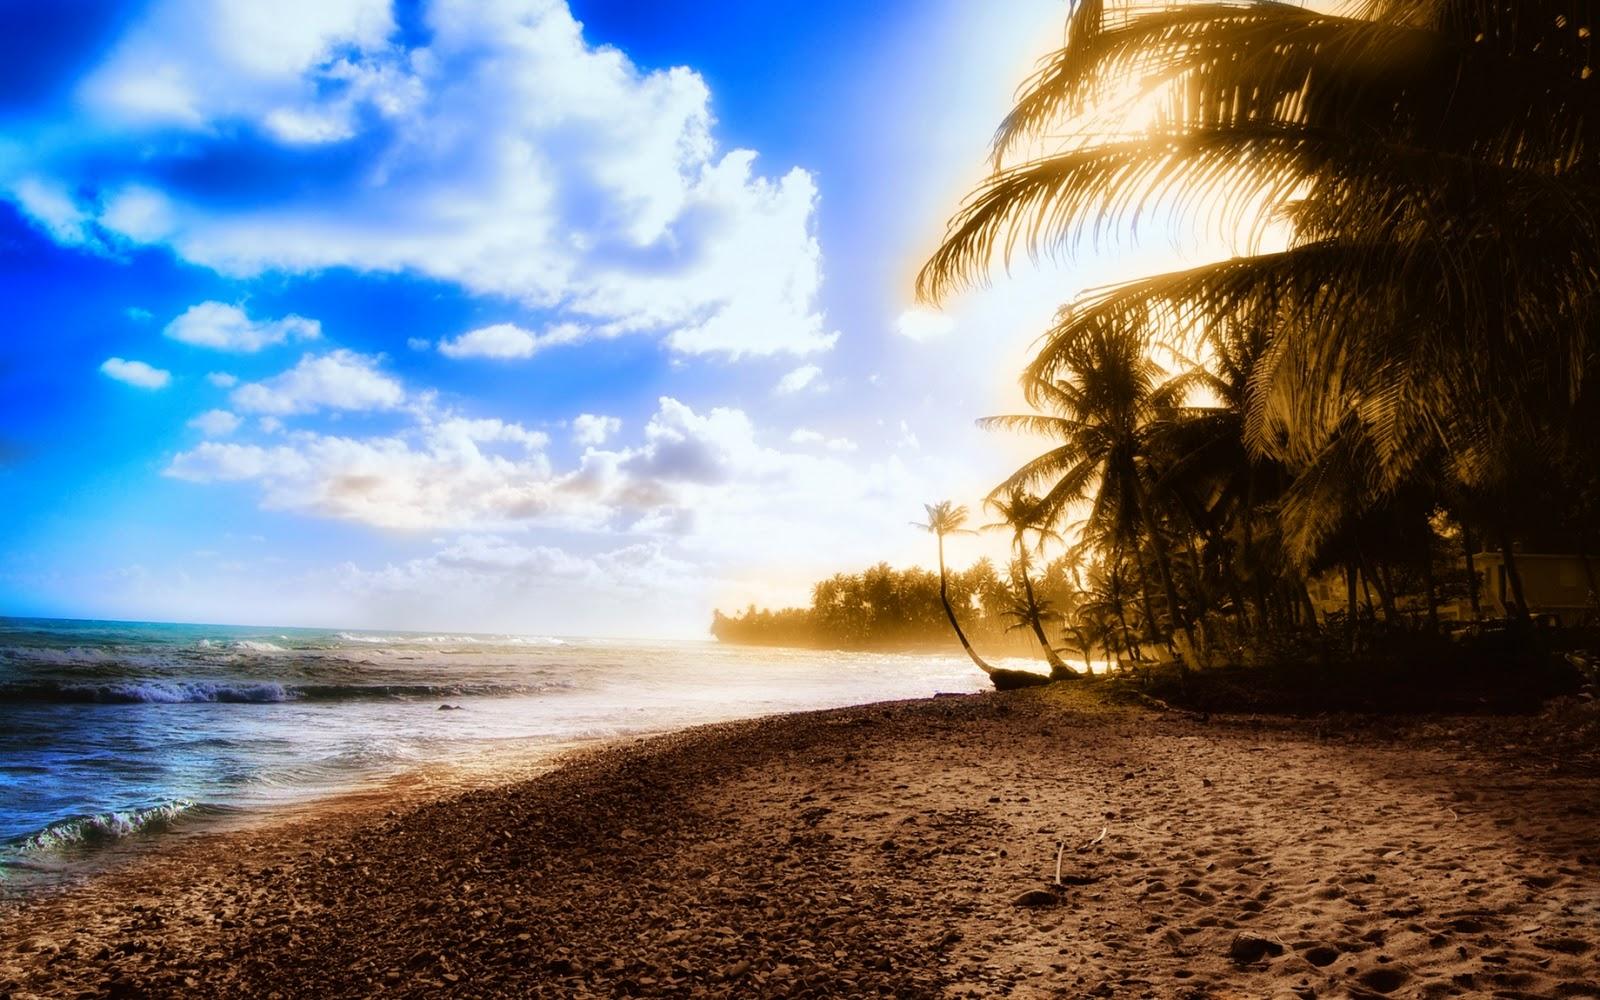 The Best Top Summer Desktop Wallpapers 23jpg